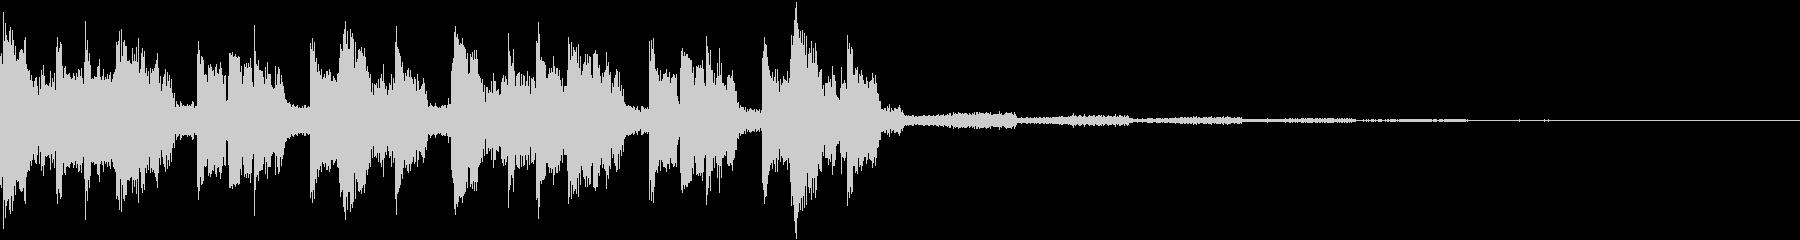 ノリノリ・キャッチーEDMジングルの未再生の波形